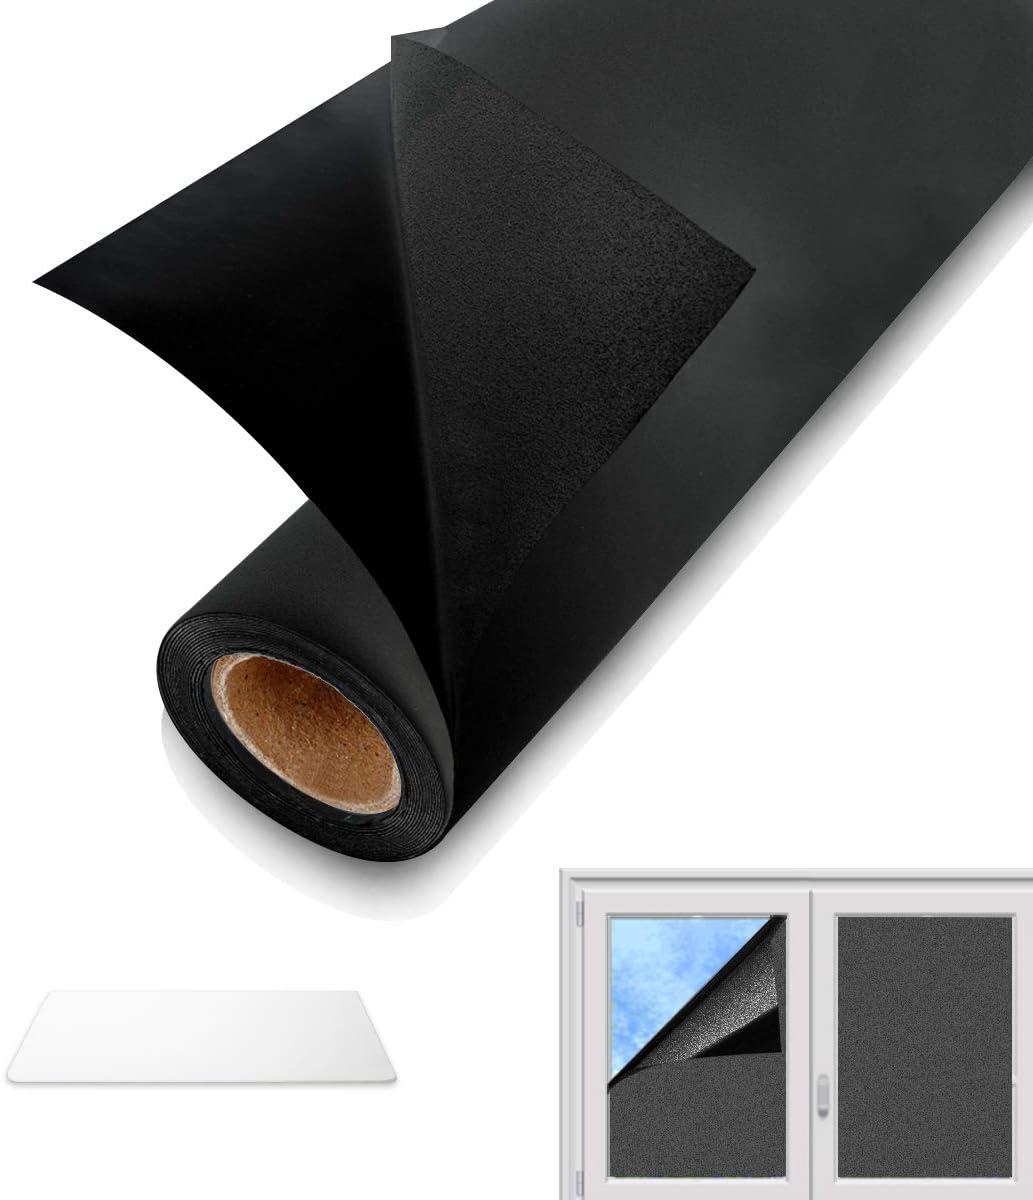 Adatto per Casa Soggiorno Camera da Letto Ufficio Bianco, 44.5x200 cm Pellicola Riflettente Finestre Anti UV QXMCOV Pellicola Specchio Oscurante per Vetri Finestre Autoadesiva per Privacy